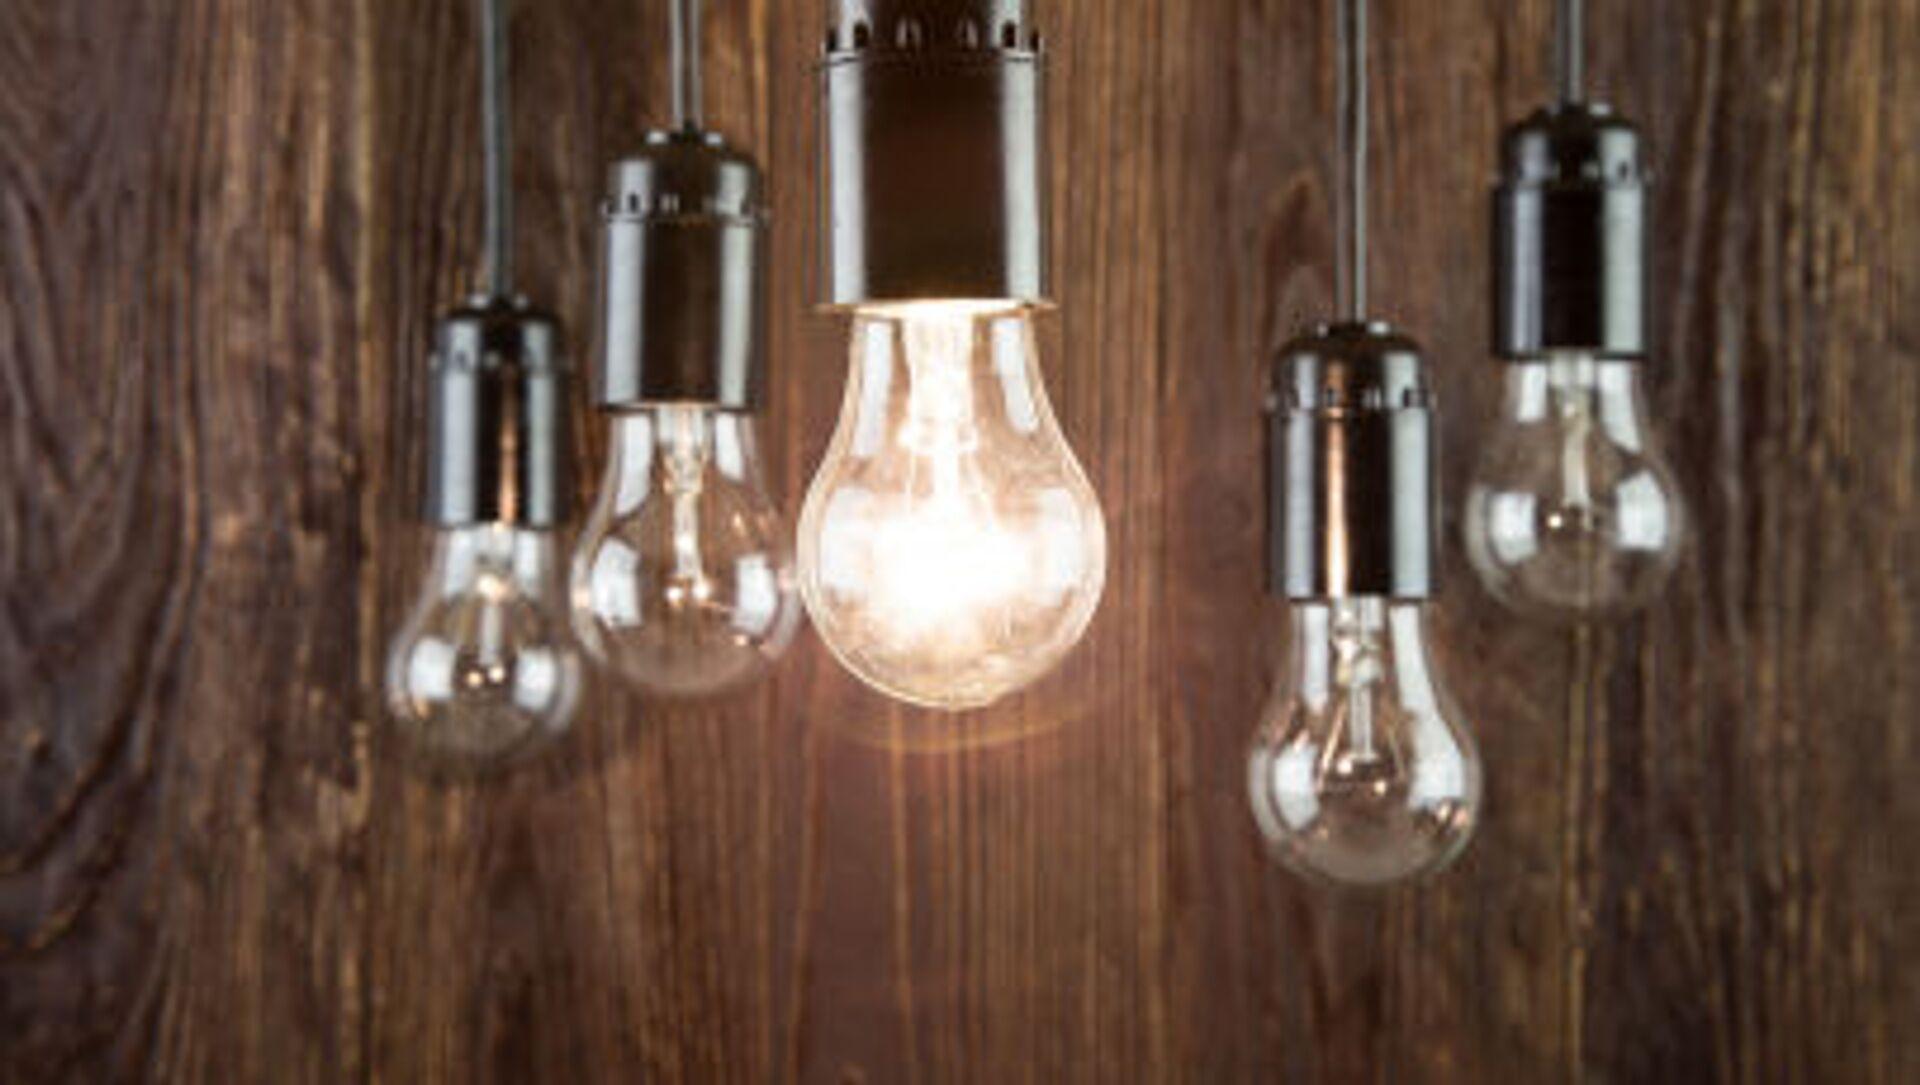 Электрические лампочки - Sputnik Аҧсны, 1920, 27.09.2021